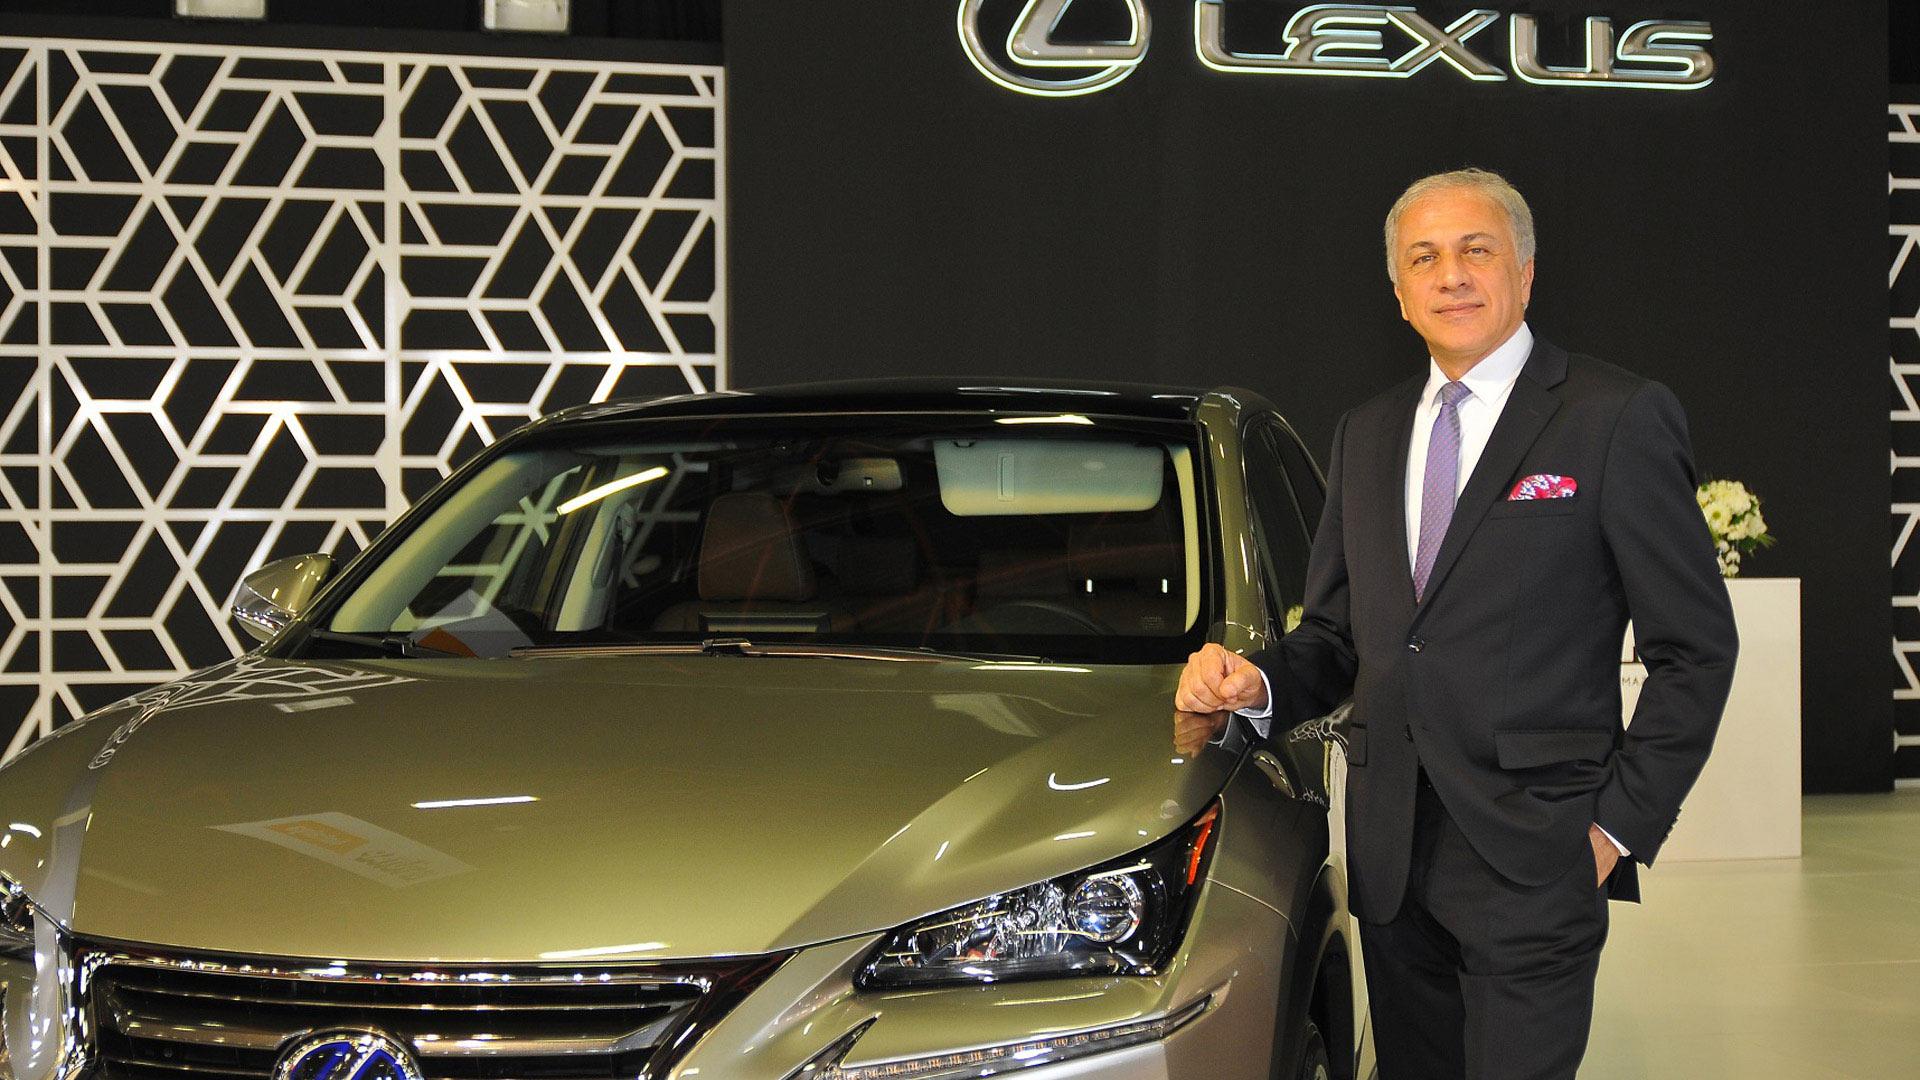 Lexus Antalya Otoshow gallery04 1920x1080 v2